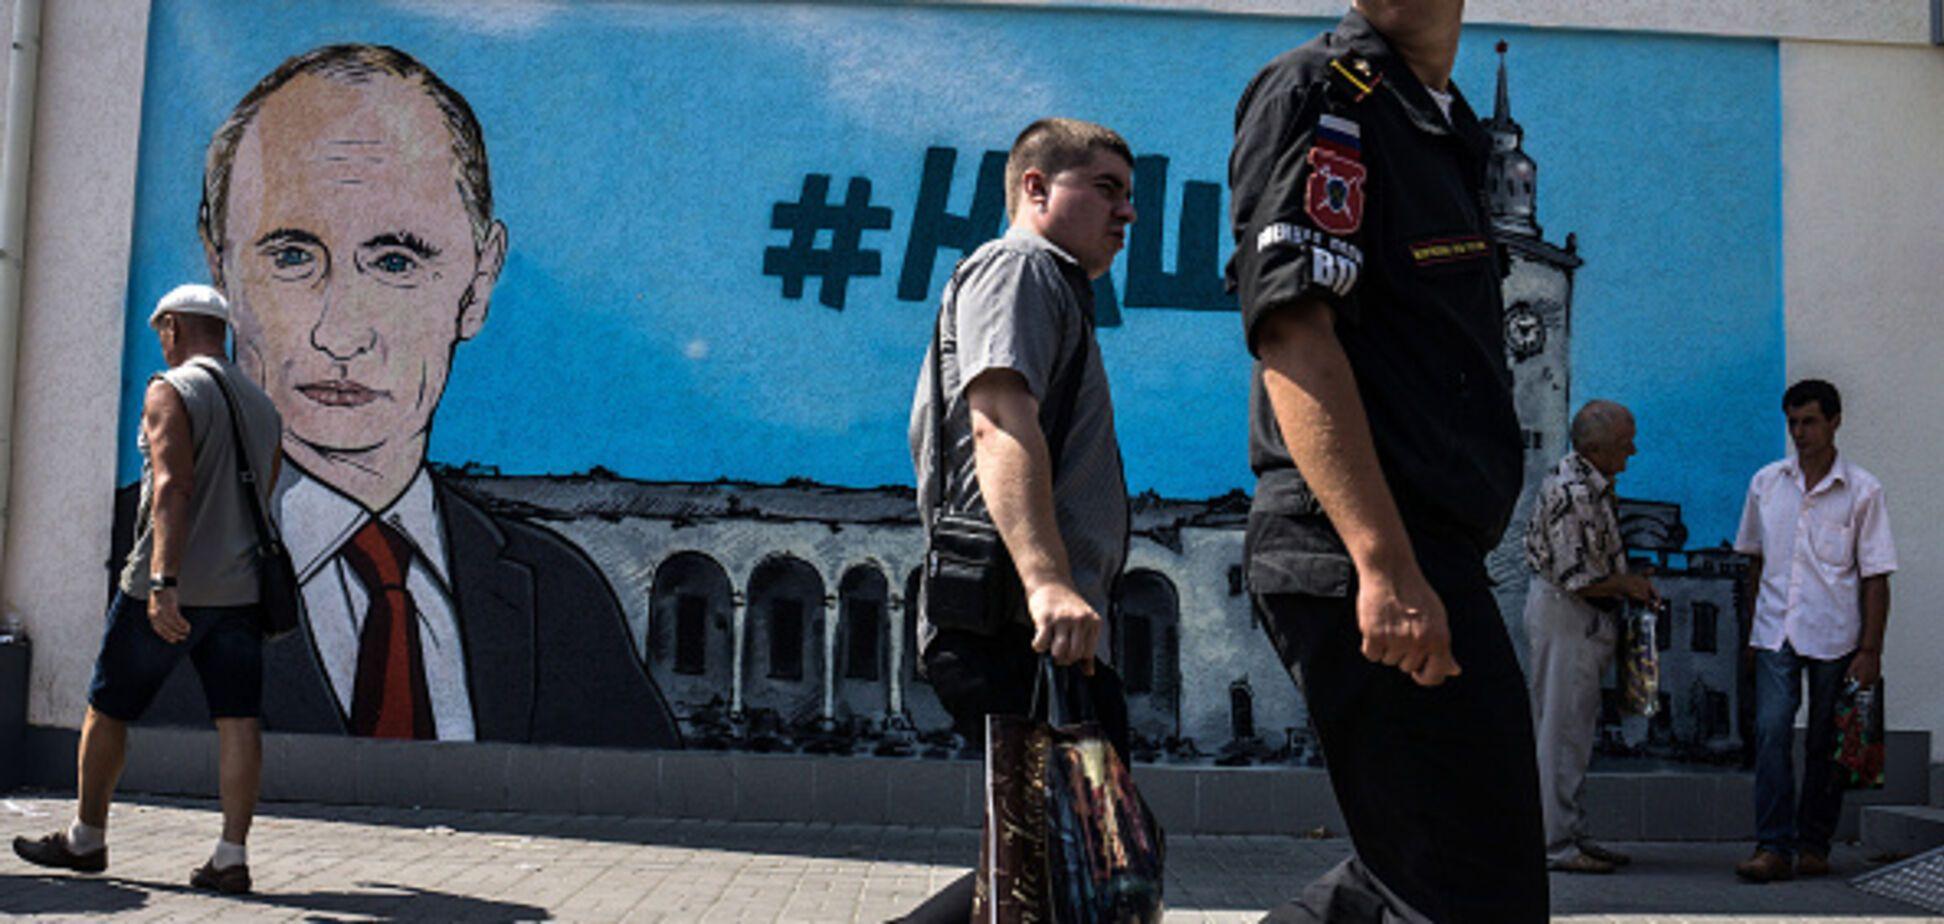 Росія розкритикувала ООН через звинувачення про порушення прав людини в Криму